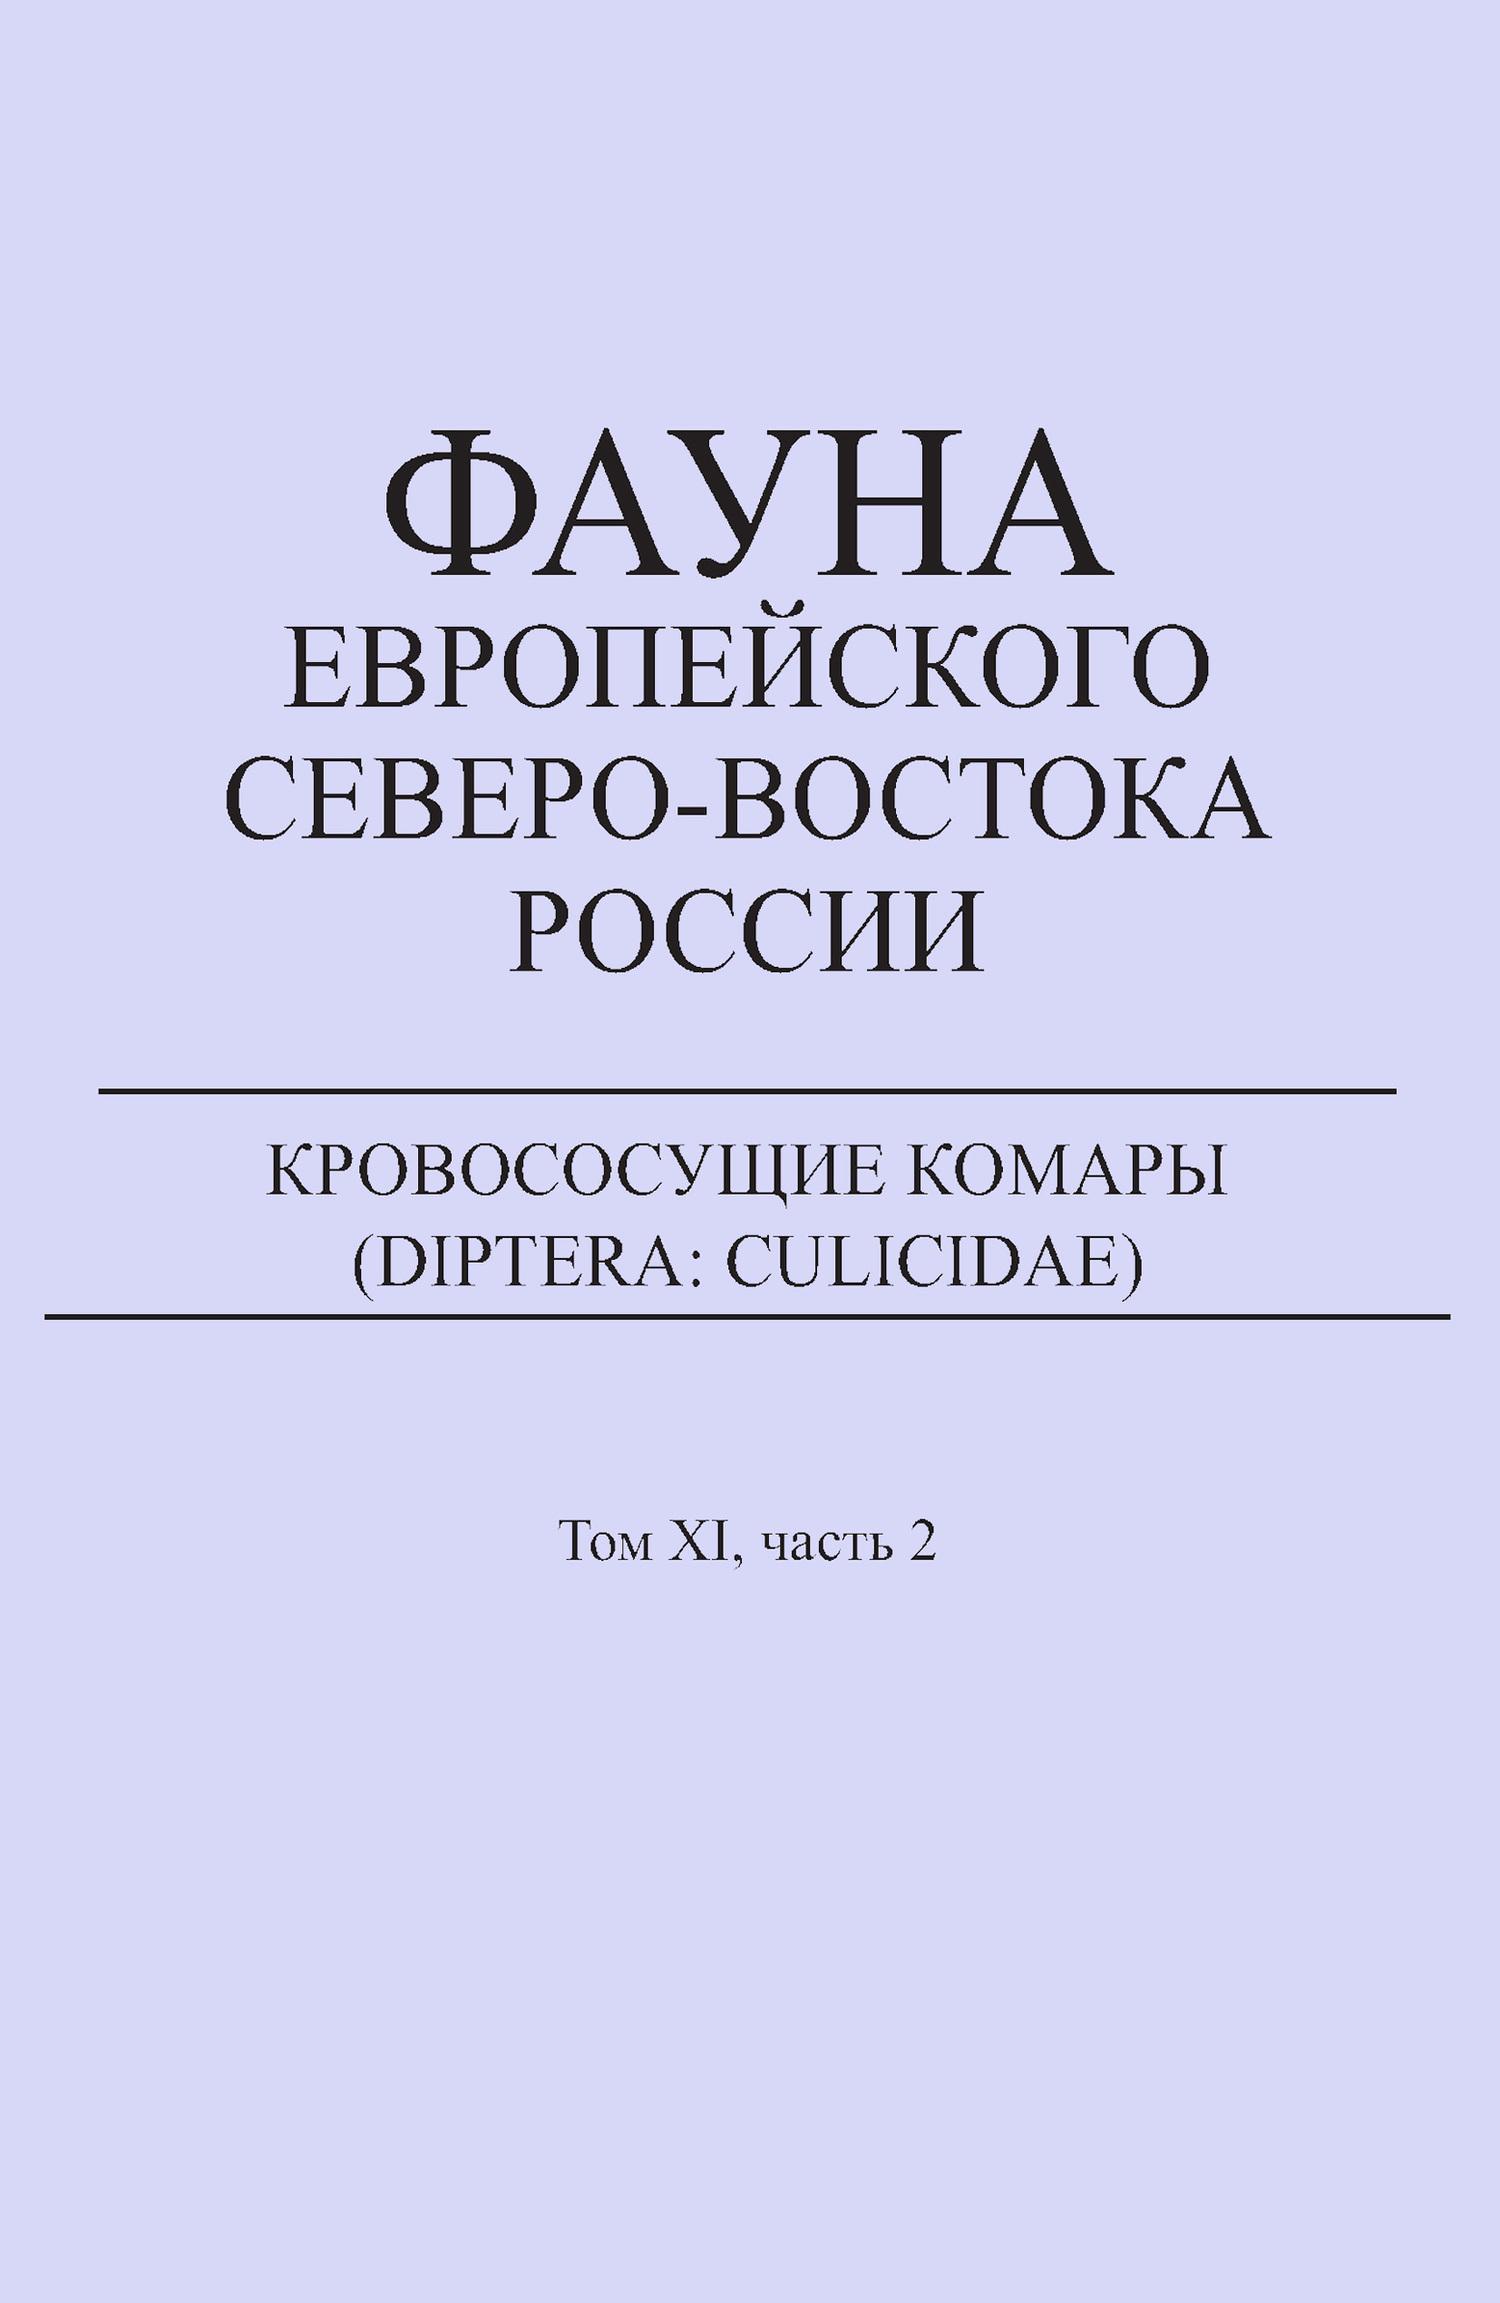 Е. В. Панюкова. Кровососущие комары (Diptera: Culicidae)